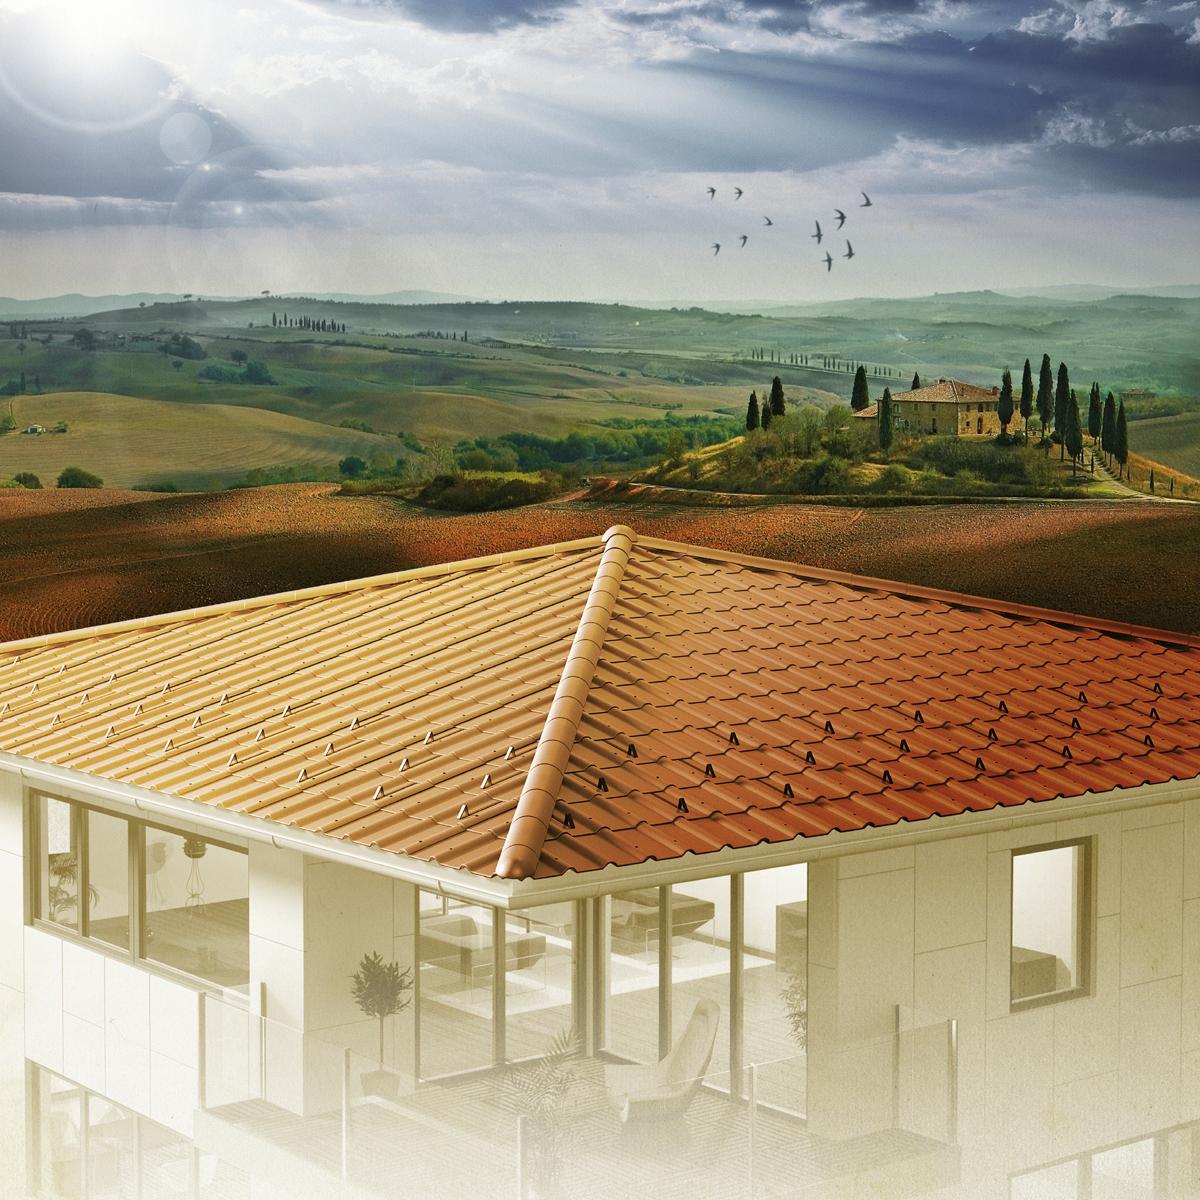 neue hauskonzepte toscana life schaffen mediterranes startseite design bilder. Black Bedroom Furniture Sets. Home Design Ideas